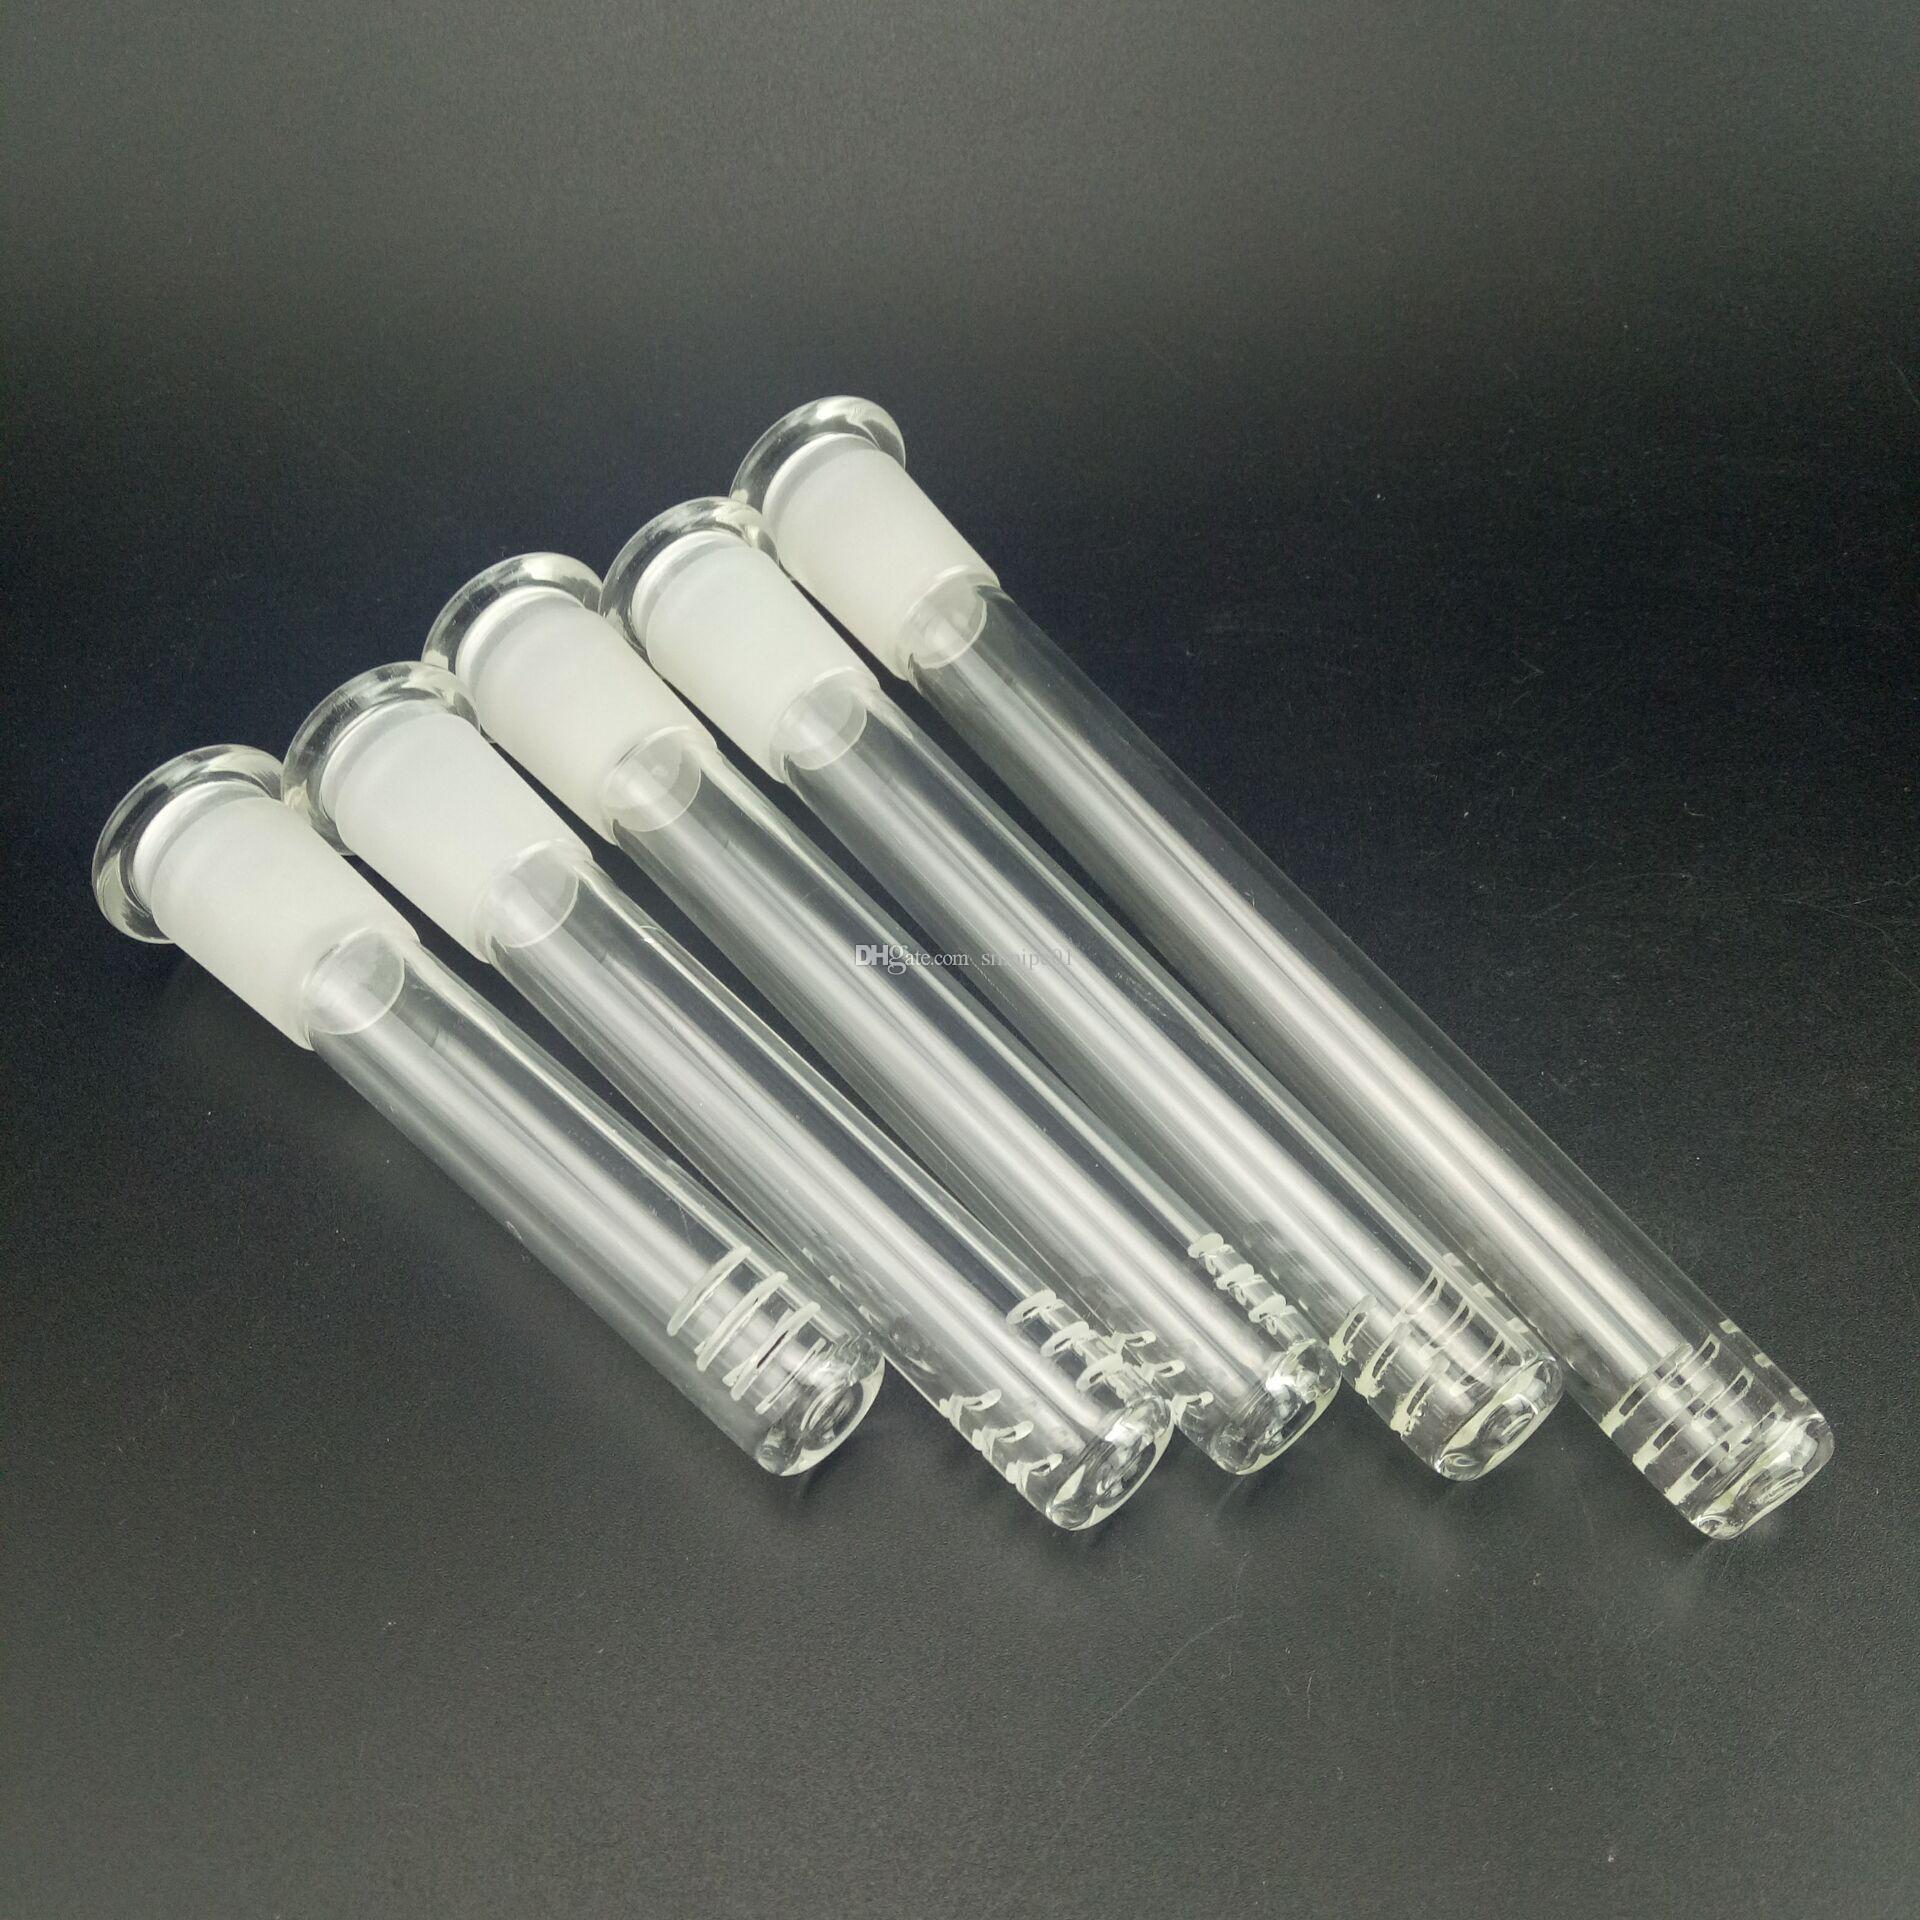 Gli accessori in vetro bong Cinque lunghezze sono opzionali e semplici. Gli accessori del tubo di acqua di vetro sono adatti l'impianto di perforazione del tubo di vetro del narghilé